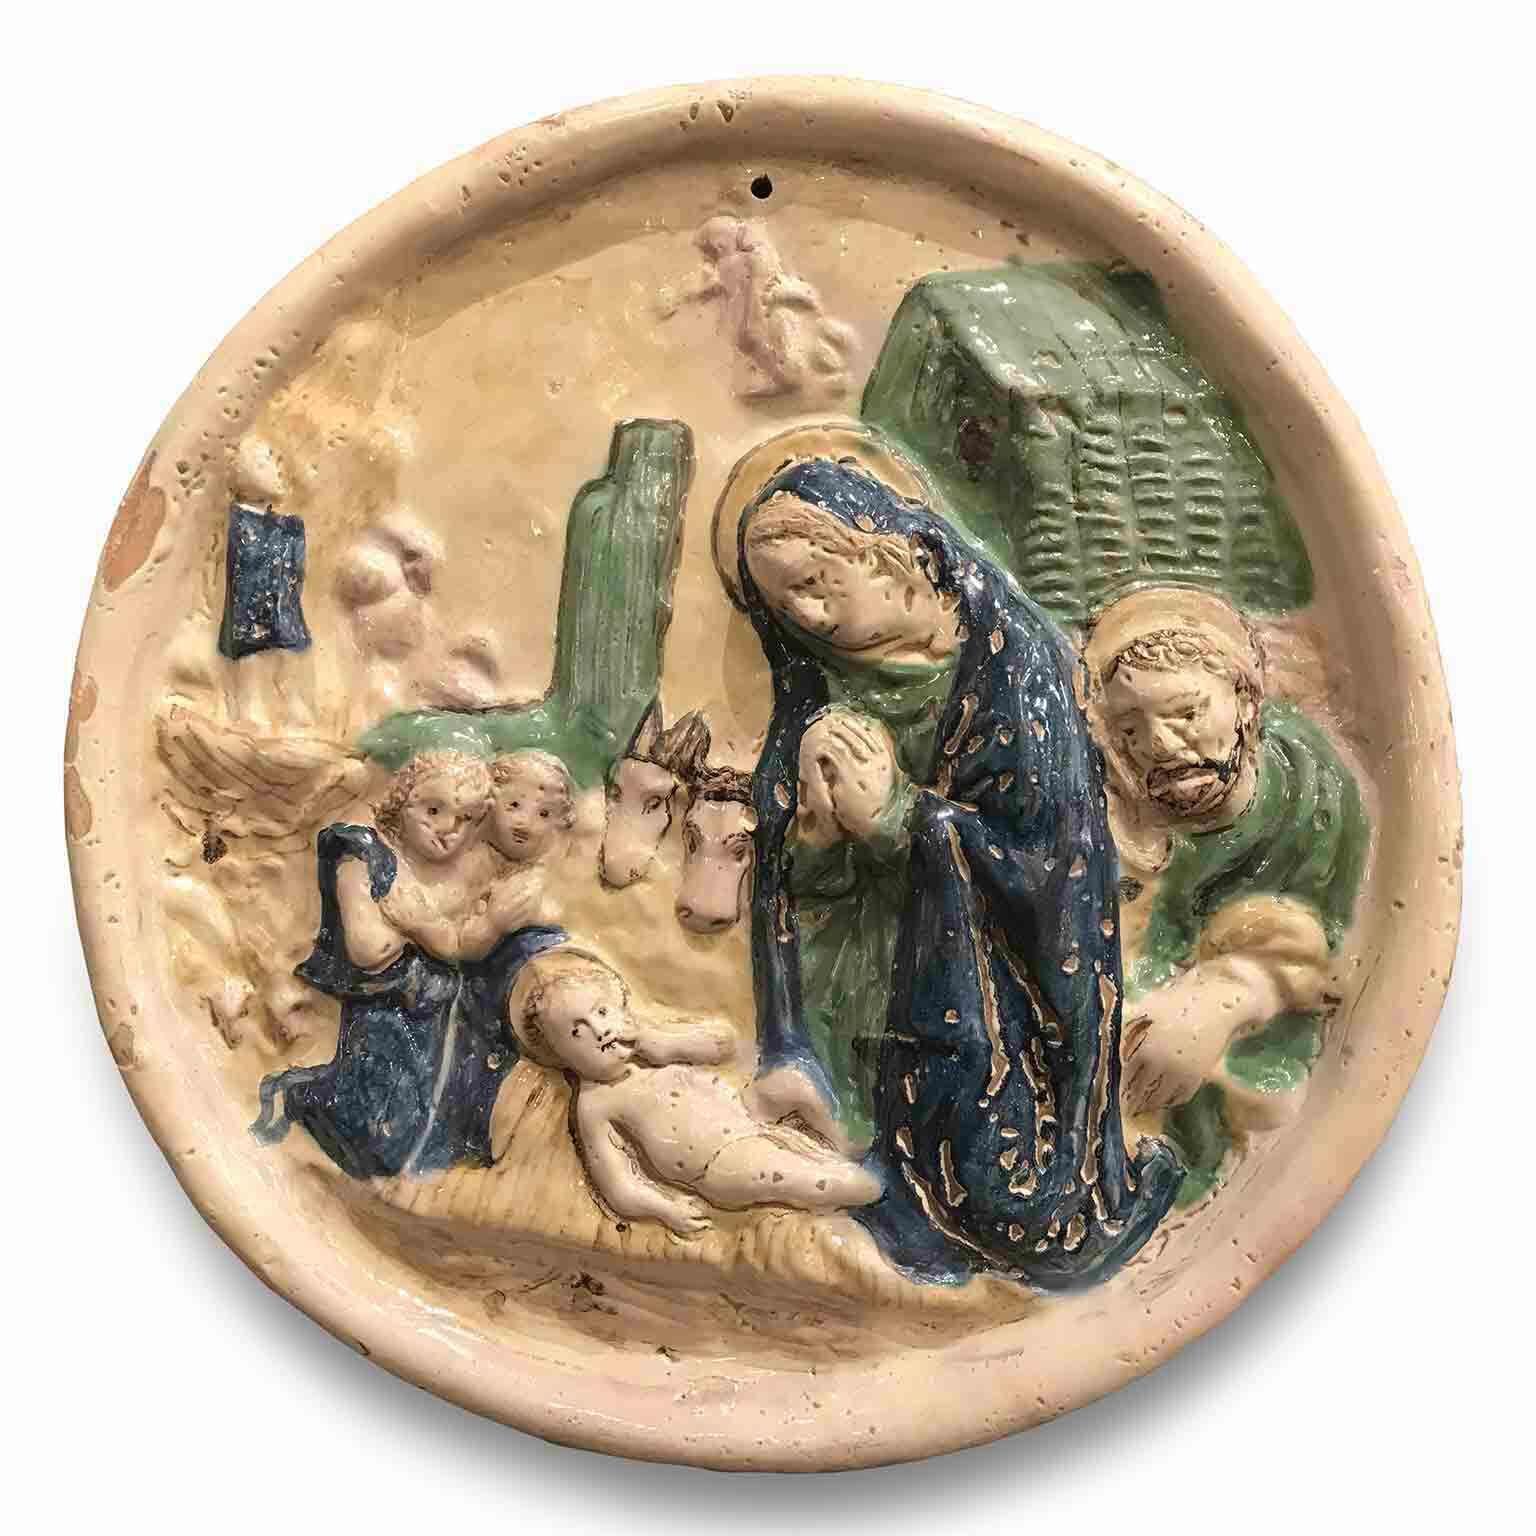 maiolica devozionale in rilievo del 1700